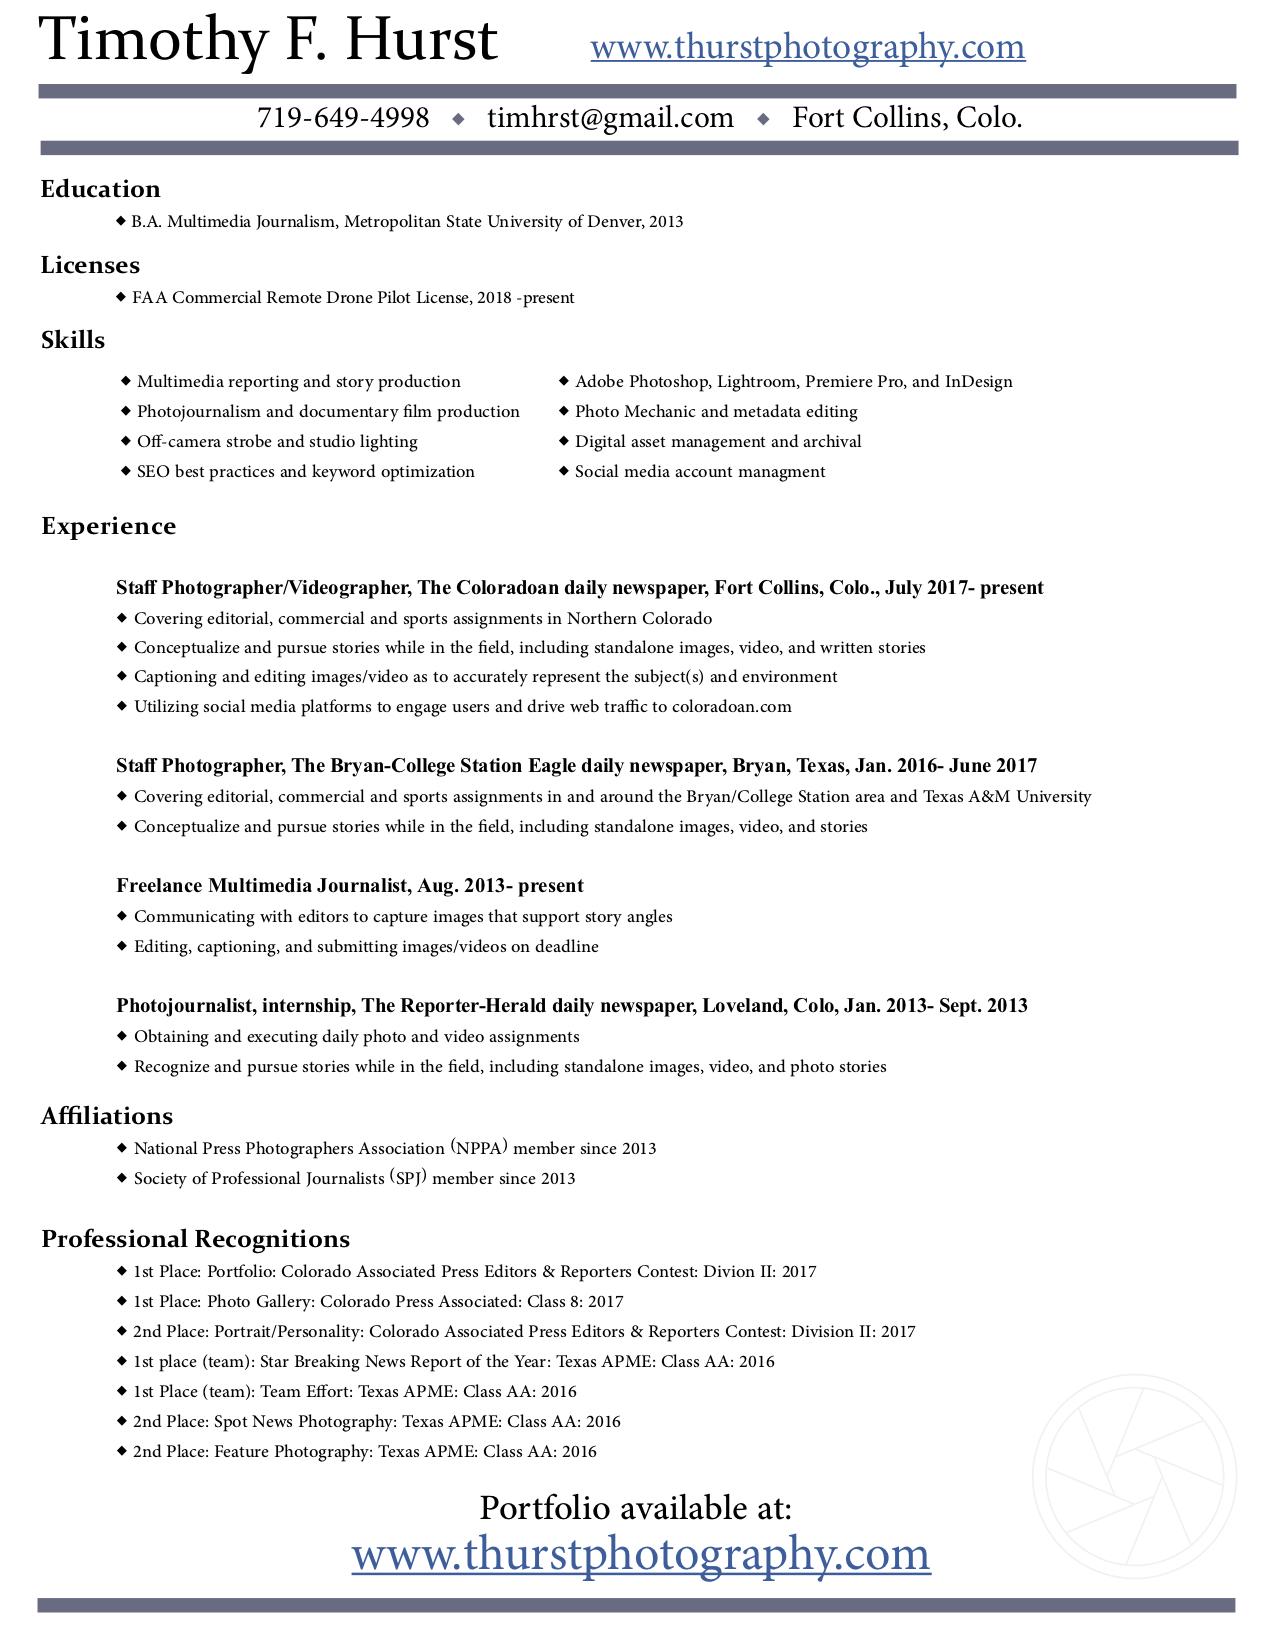 Resume_TimothyHurst_2019.jpg